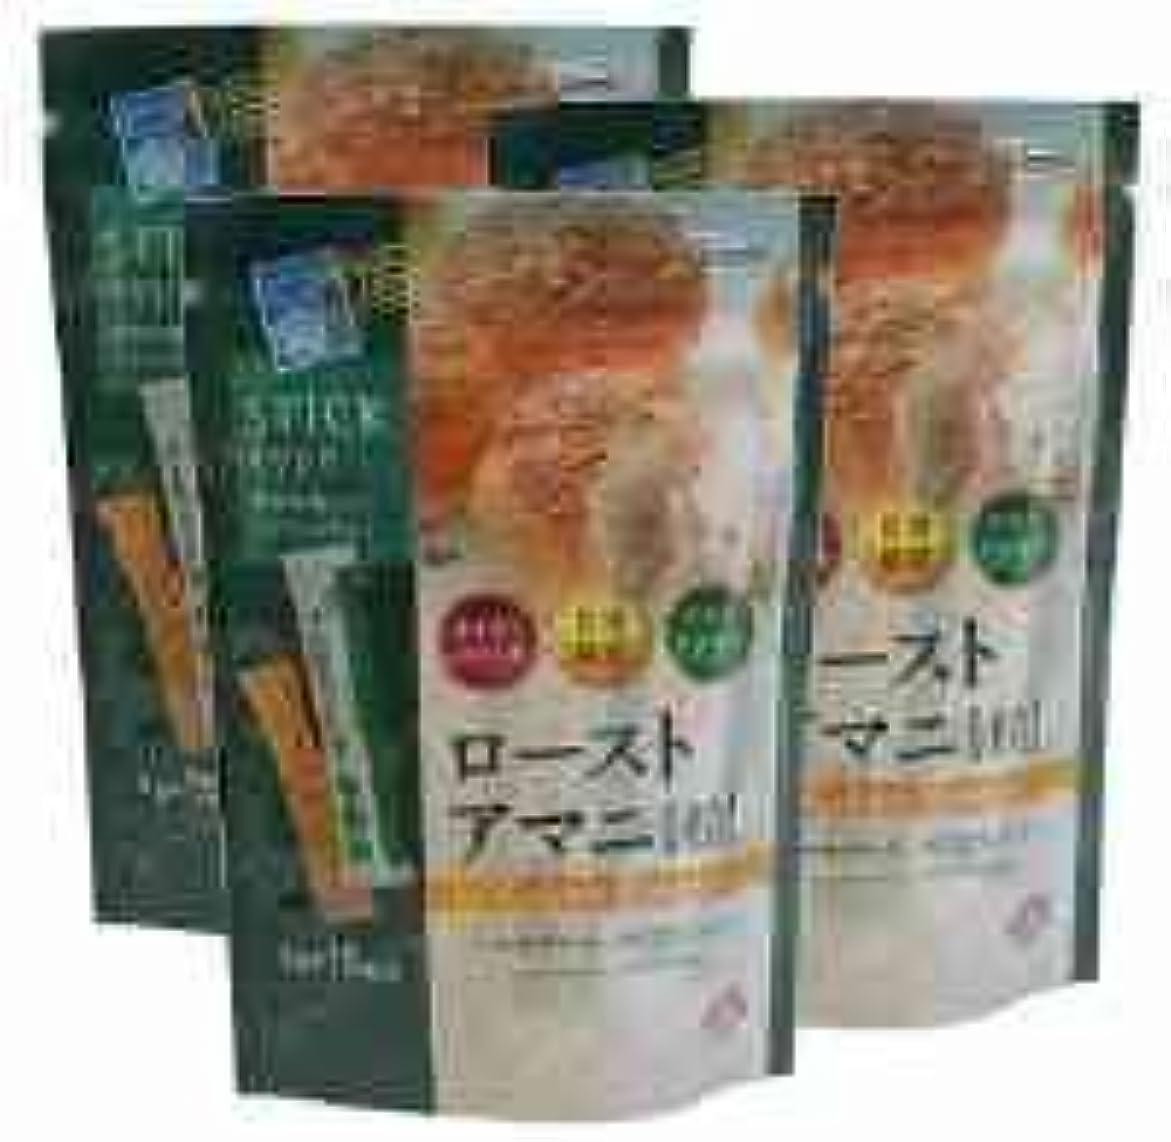 指動くカナダローストアマニ粒【3袋セット】日本製粉